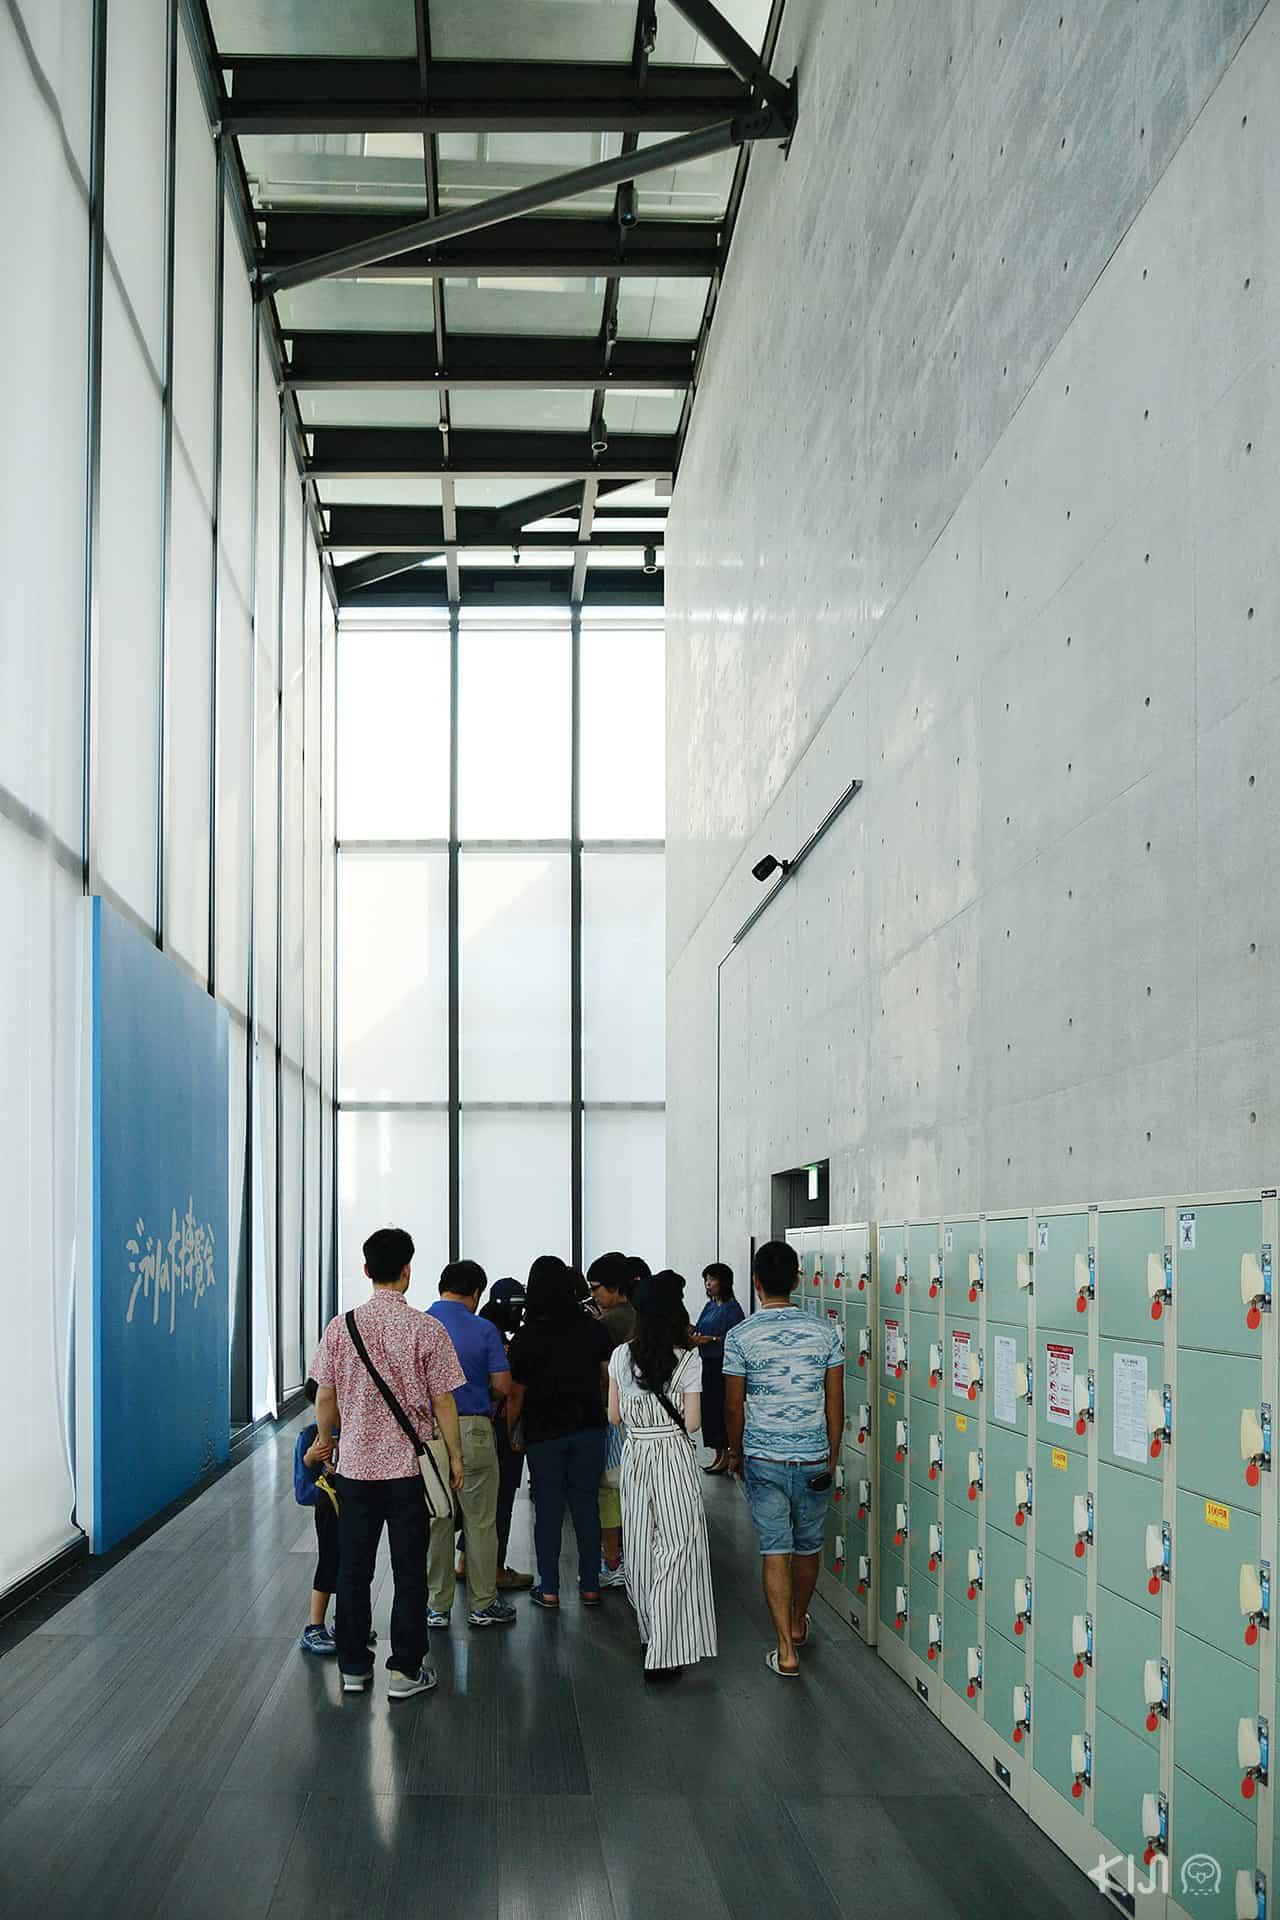 นิทรรศการงานศิลปะต่างๆ ภายในพิพิธภัณฑ์ศิลปะเฮียวโงะ (Hyogo Prefectural Museum of Art)